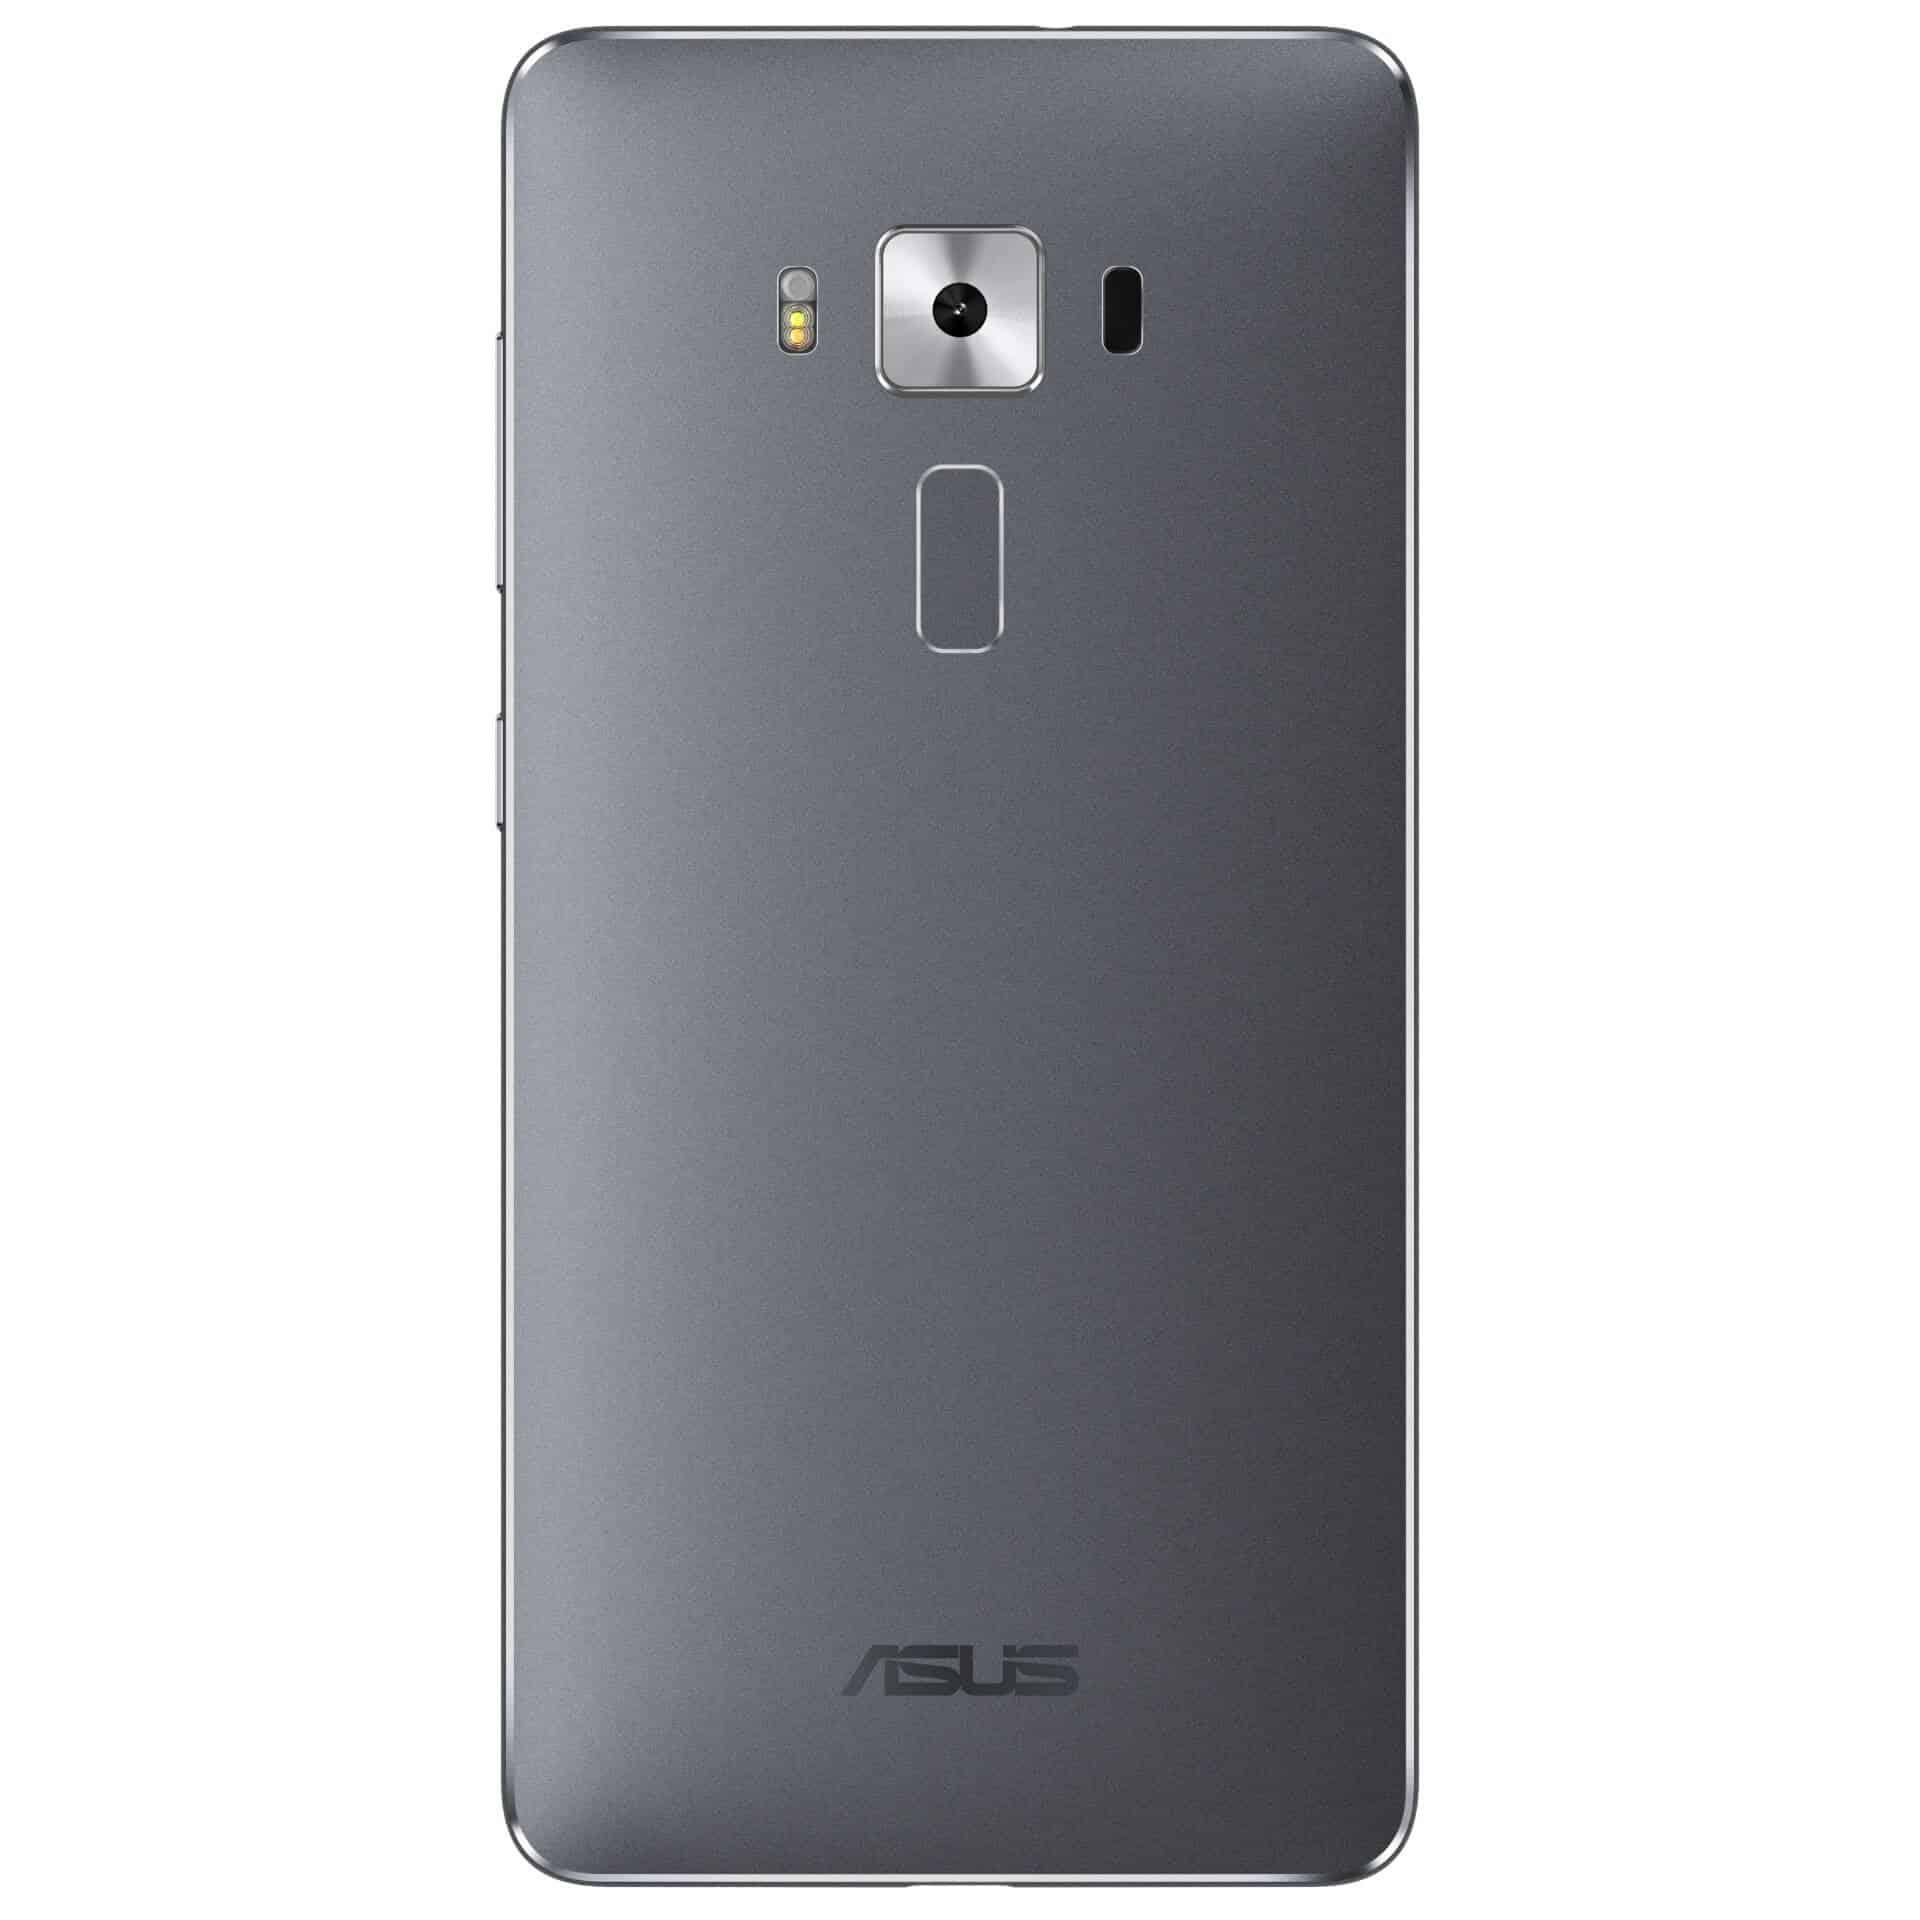 ASUS ZenFone 3 Deluxe 21